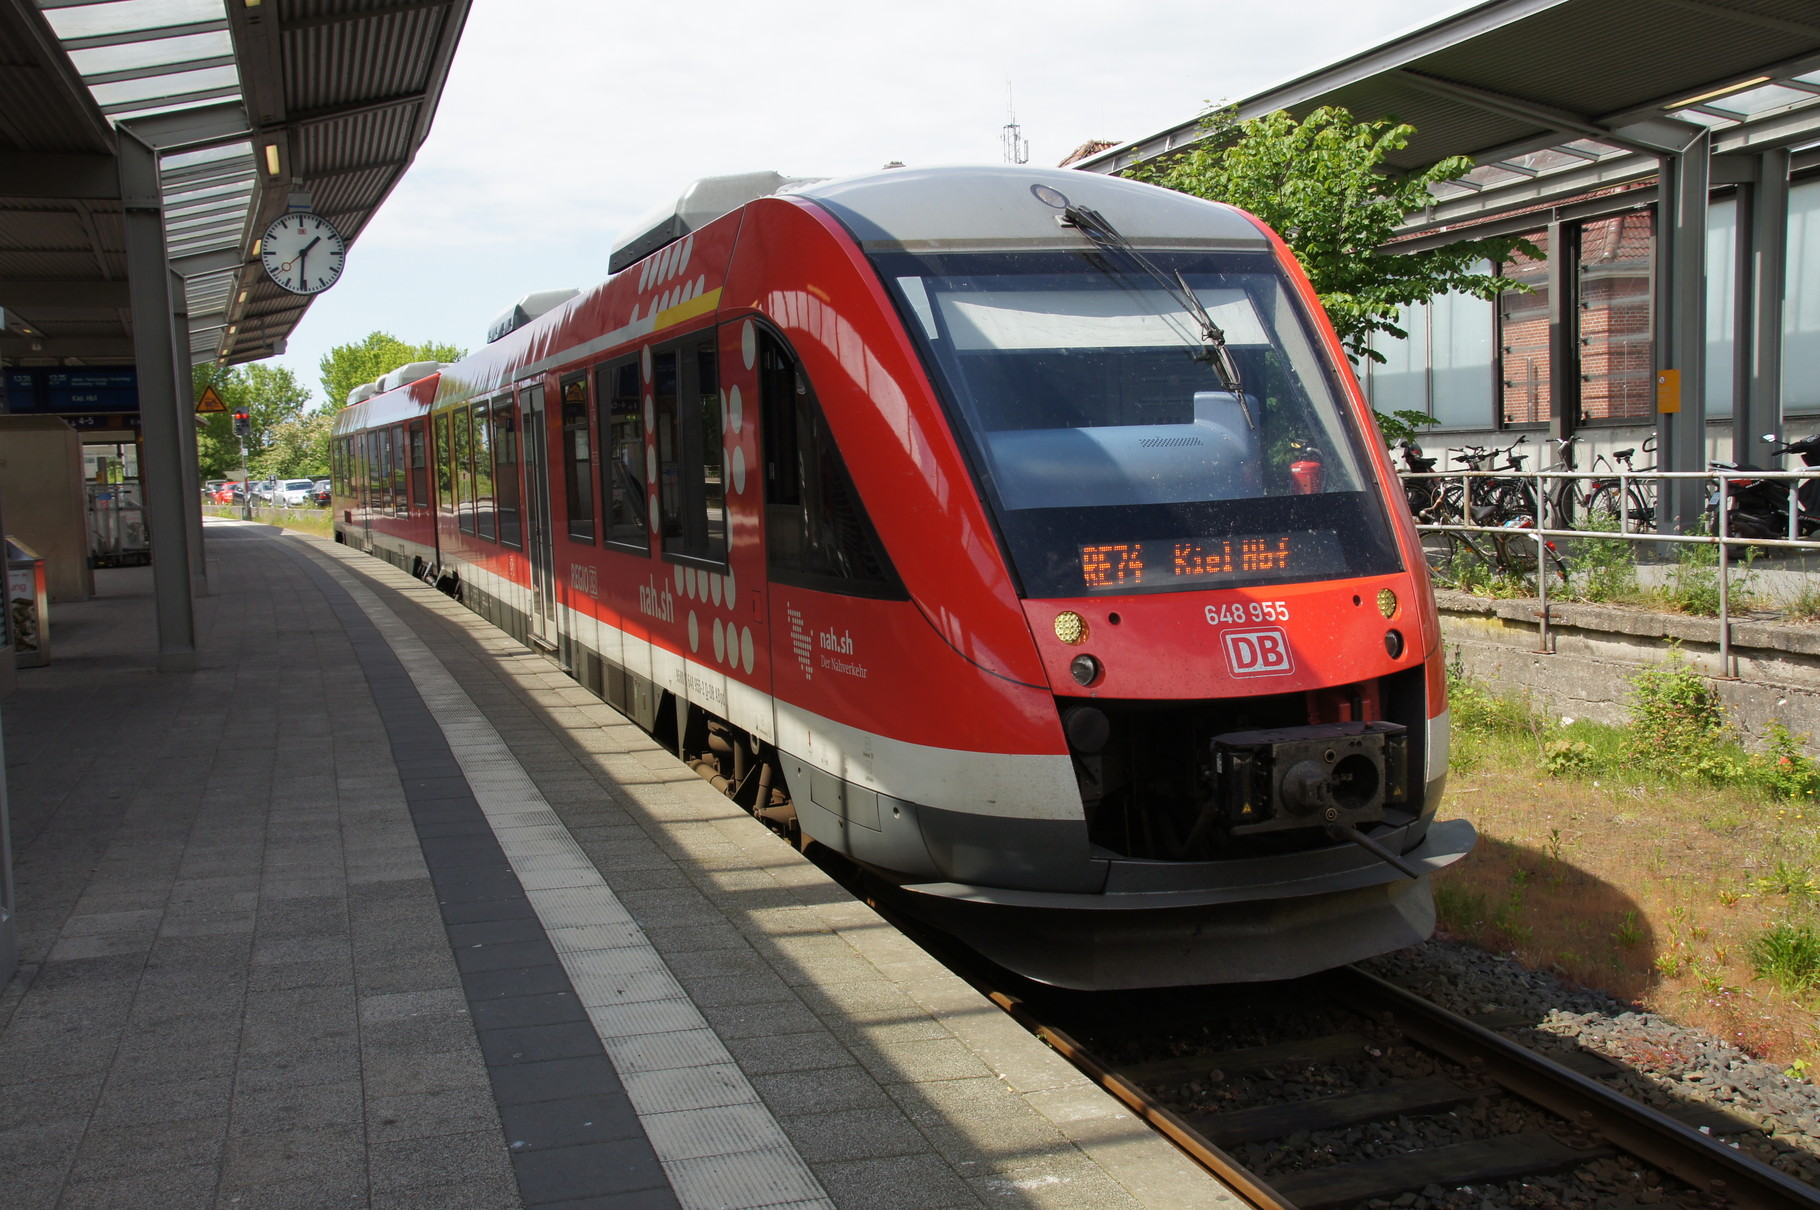 Regionalzug nach Kiel. Ein Triebwagen der BR 648 der DB (Alstom LINT) im Bahnhof von Husum.